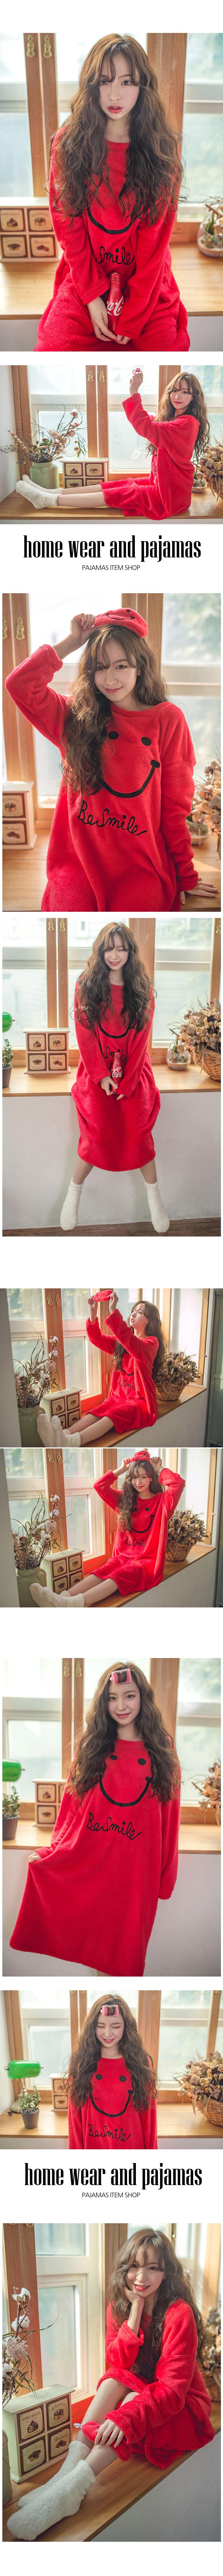 따뜻한 스마일 수면잠옷 원피스 - 로로걸, 22,900원, 잠옷, 여성파자마